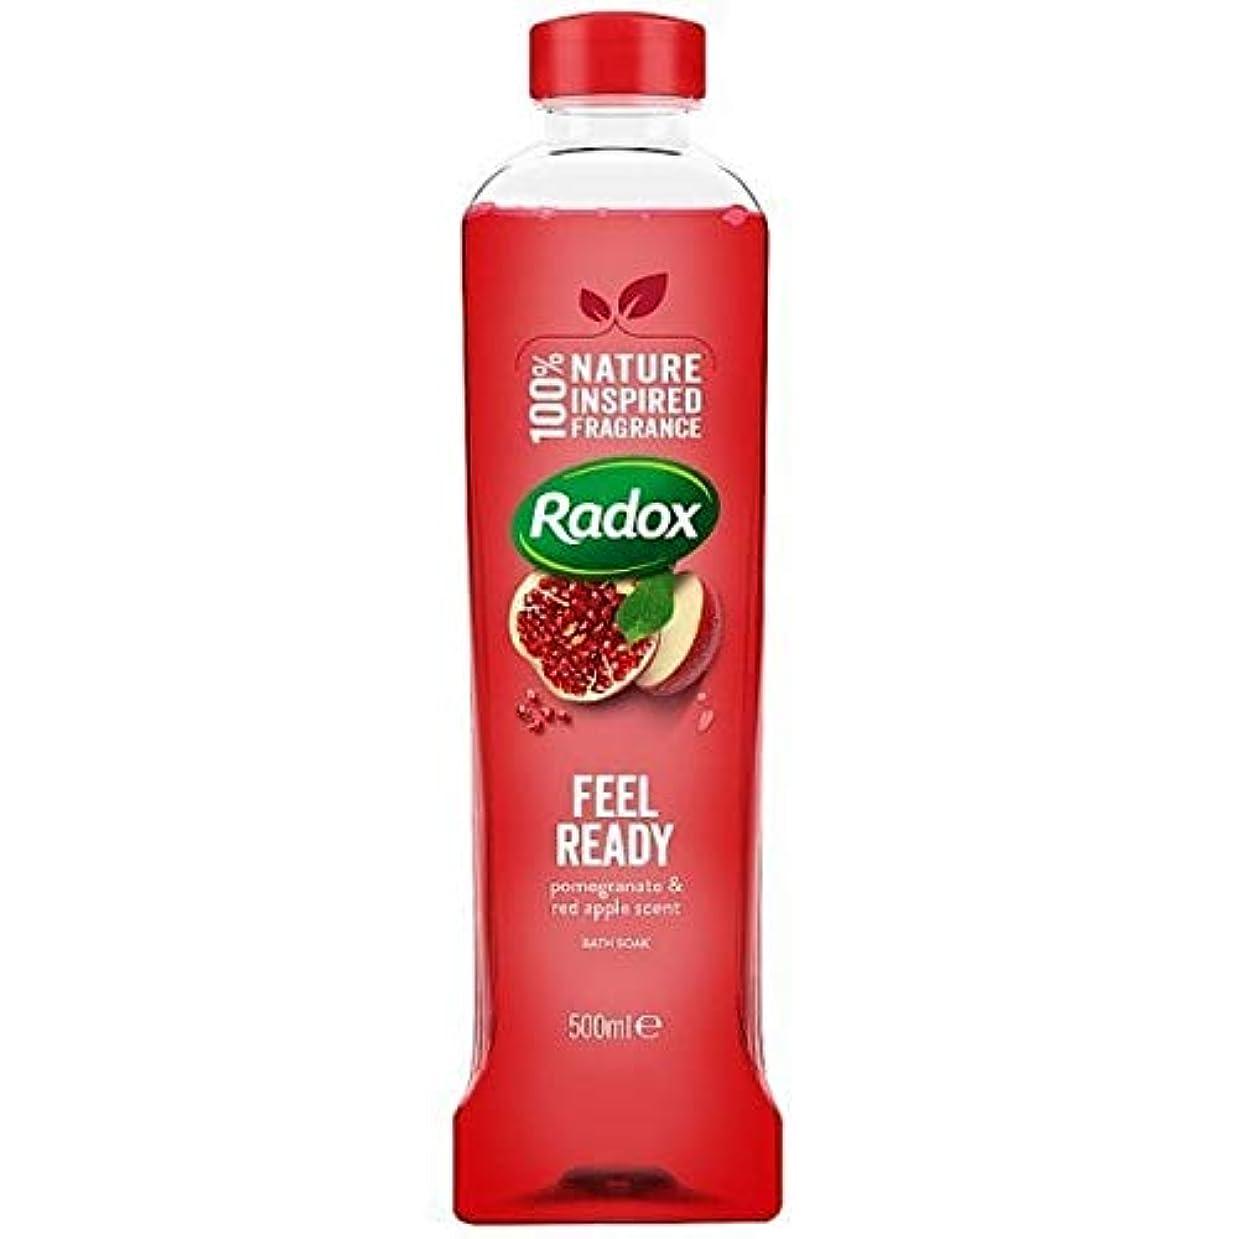 肌磁気説教する[Radox] Radoxは500ミリリットルを浸し準備風呂を感じます - Radox Feel Ready Bath Soak 500ml [並行輸入品]